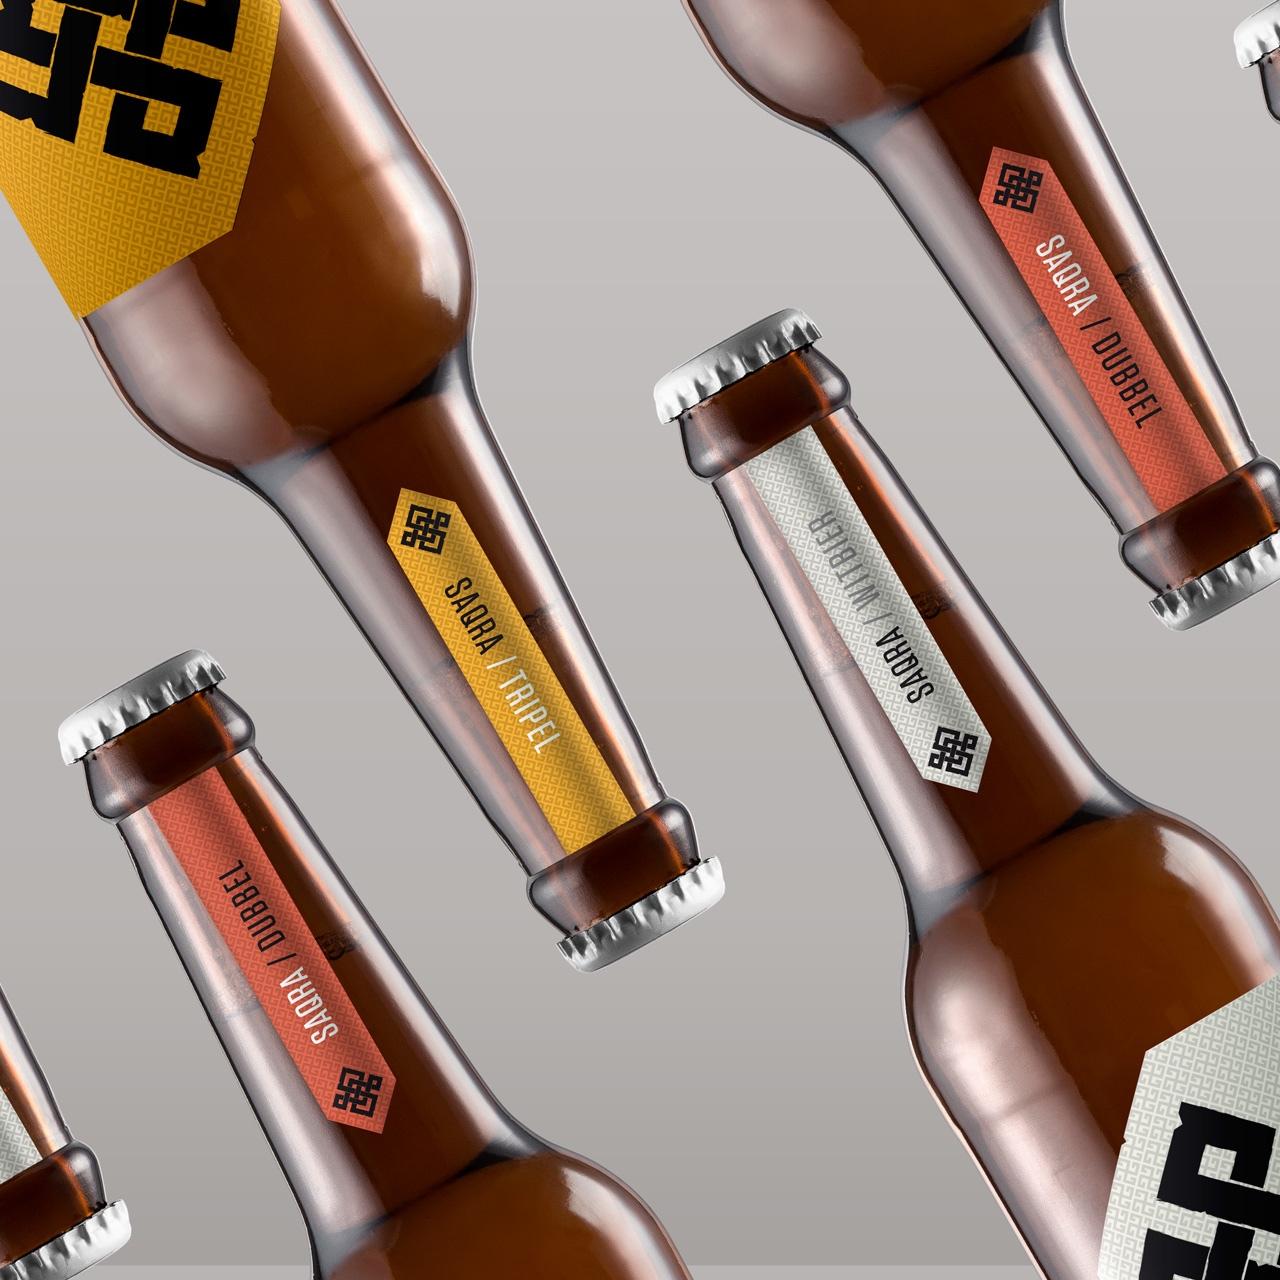 SAQRA - Nueva imagen para esta cerveza con un toque innovador, una imagen reconocible a primera vista. Damos un toque de diseño al packaging, fotografíamos la gama de productos y gestionamos el branding en las Redes Sociales.